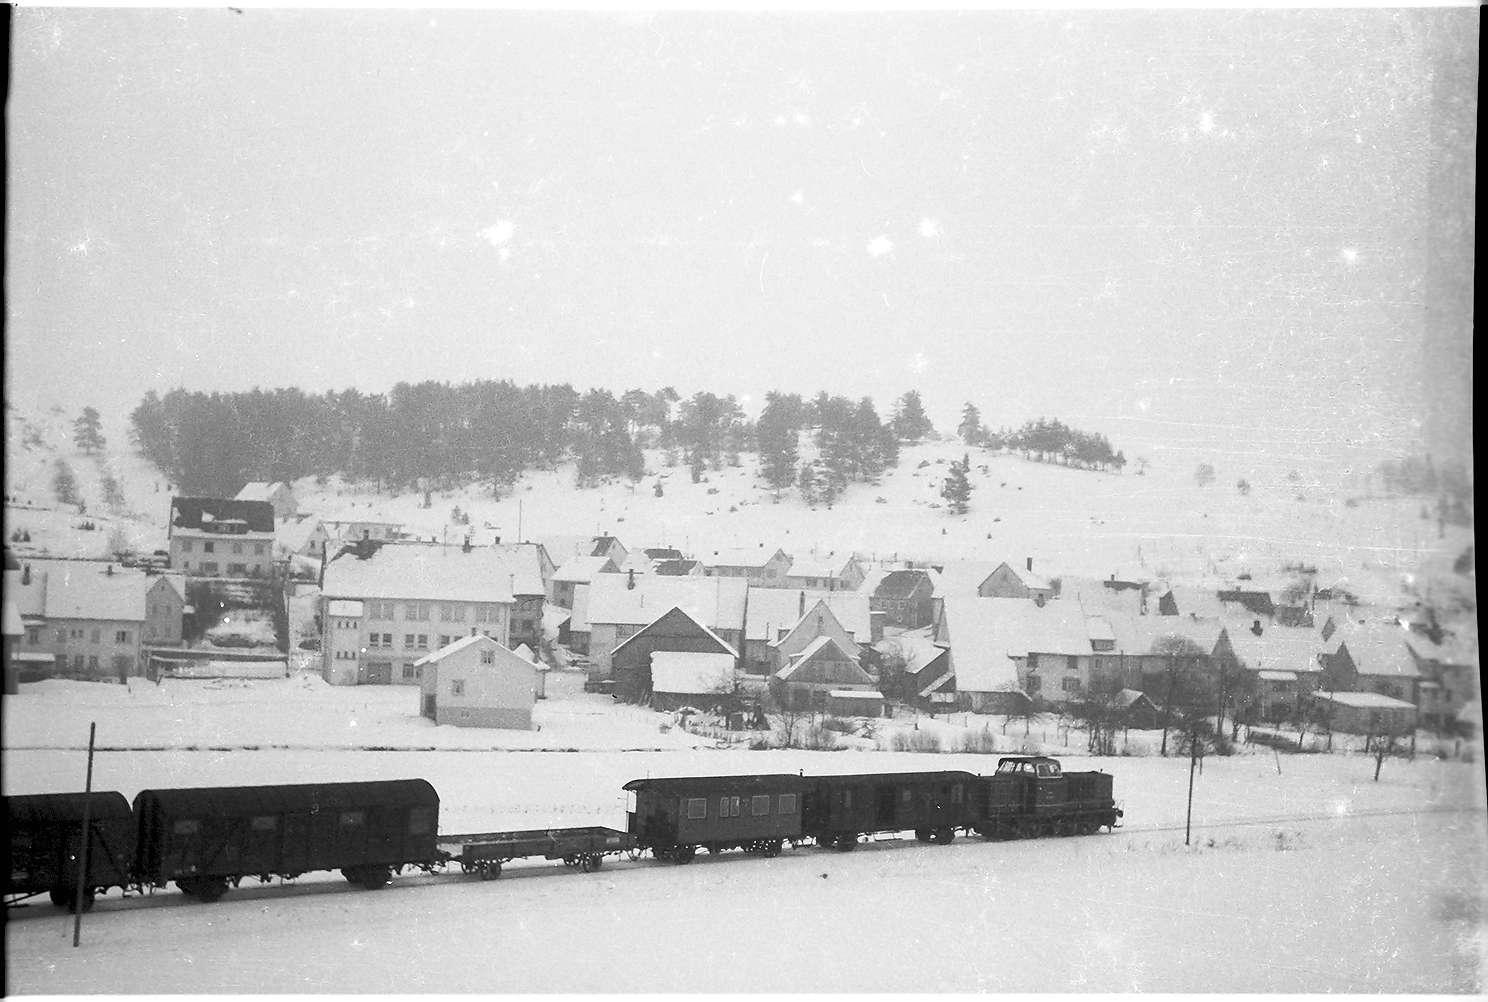 Blaue Diesellok V 500, Güterzug G(St) 305 W, Neufra; das Wiesental der Fehla wurde ab 1970 bebaut, Bild 1